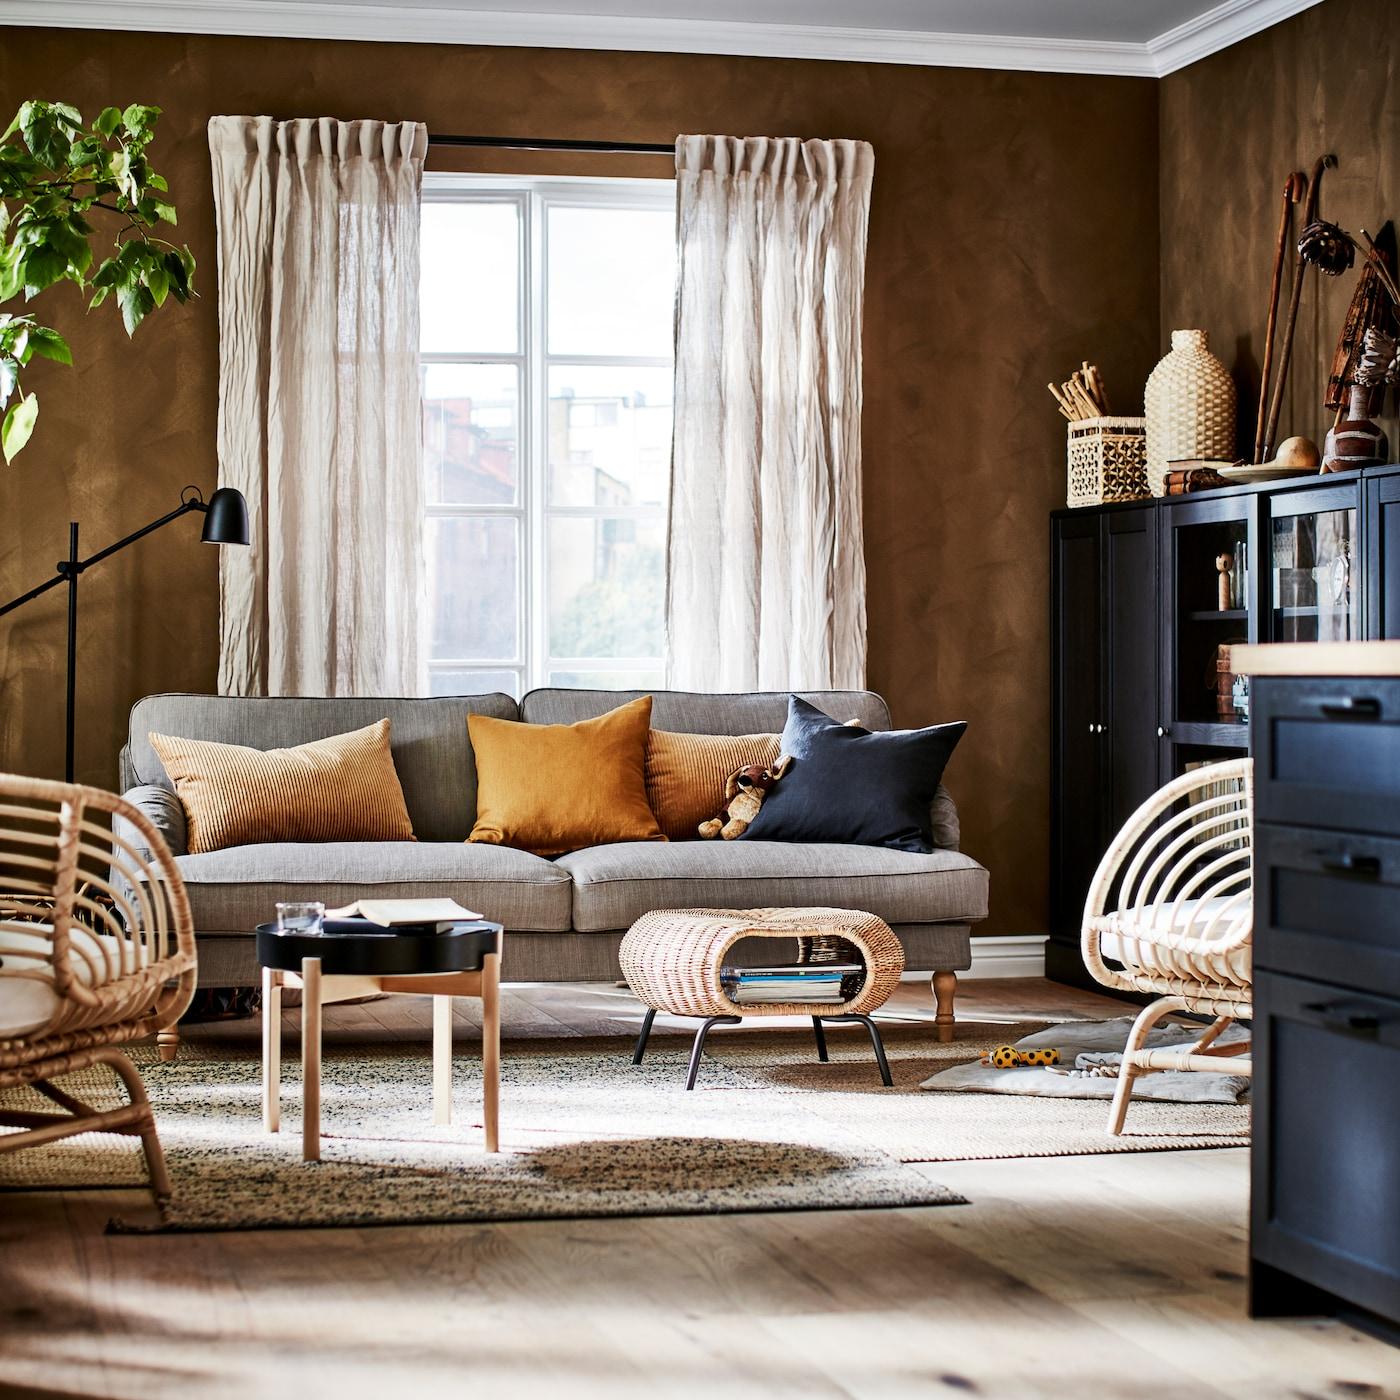 Vardagsrum med gråbeige soffa, två jutemattor, två rottingfåtöljer, beige linnegardiner och mörkbruna skåp.